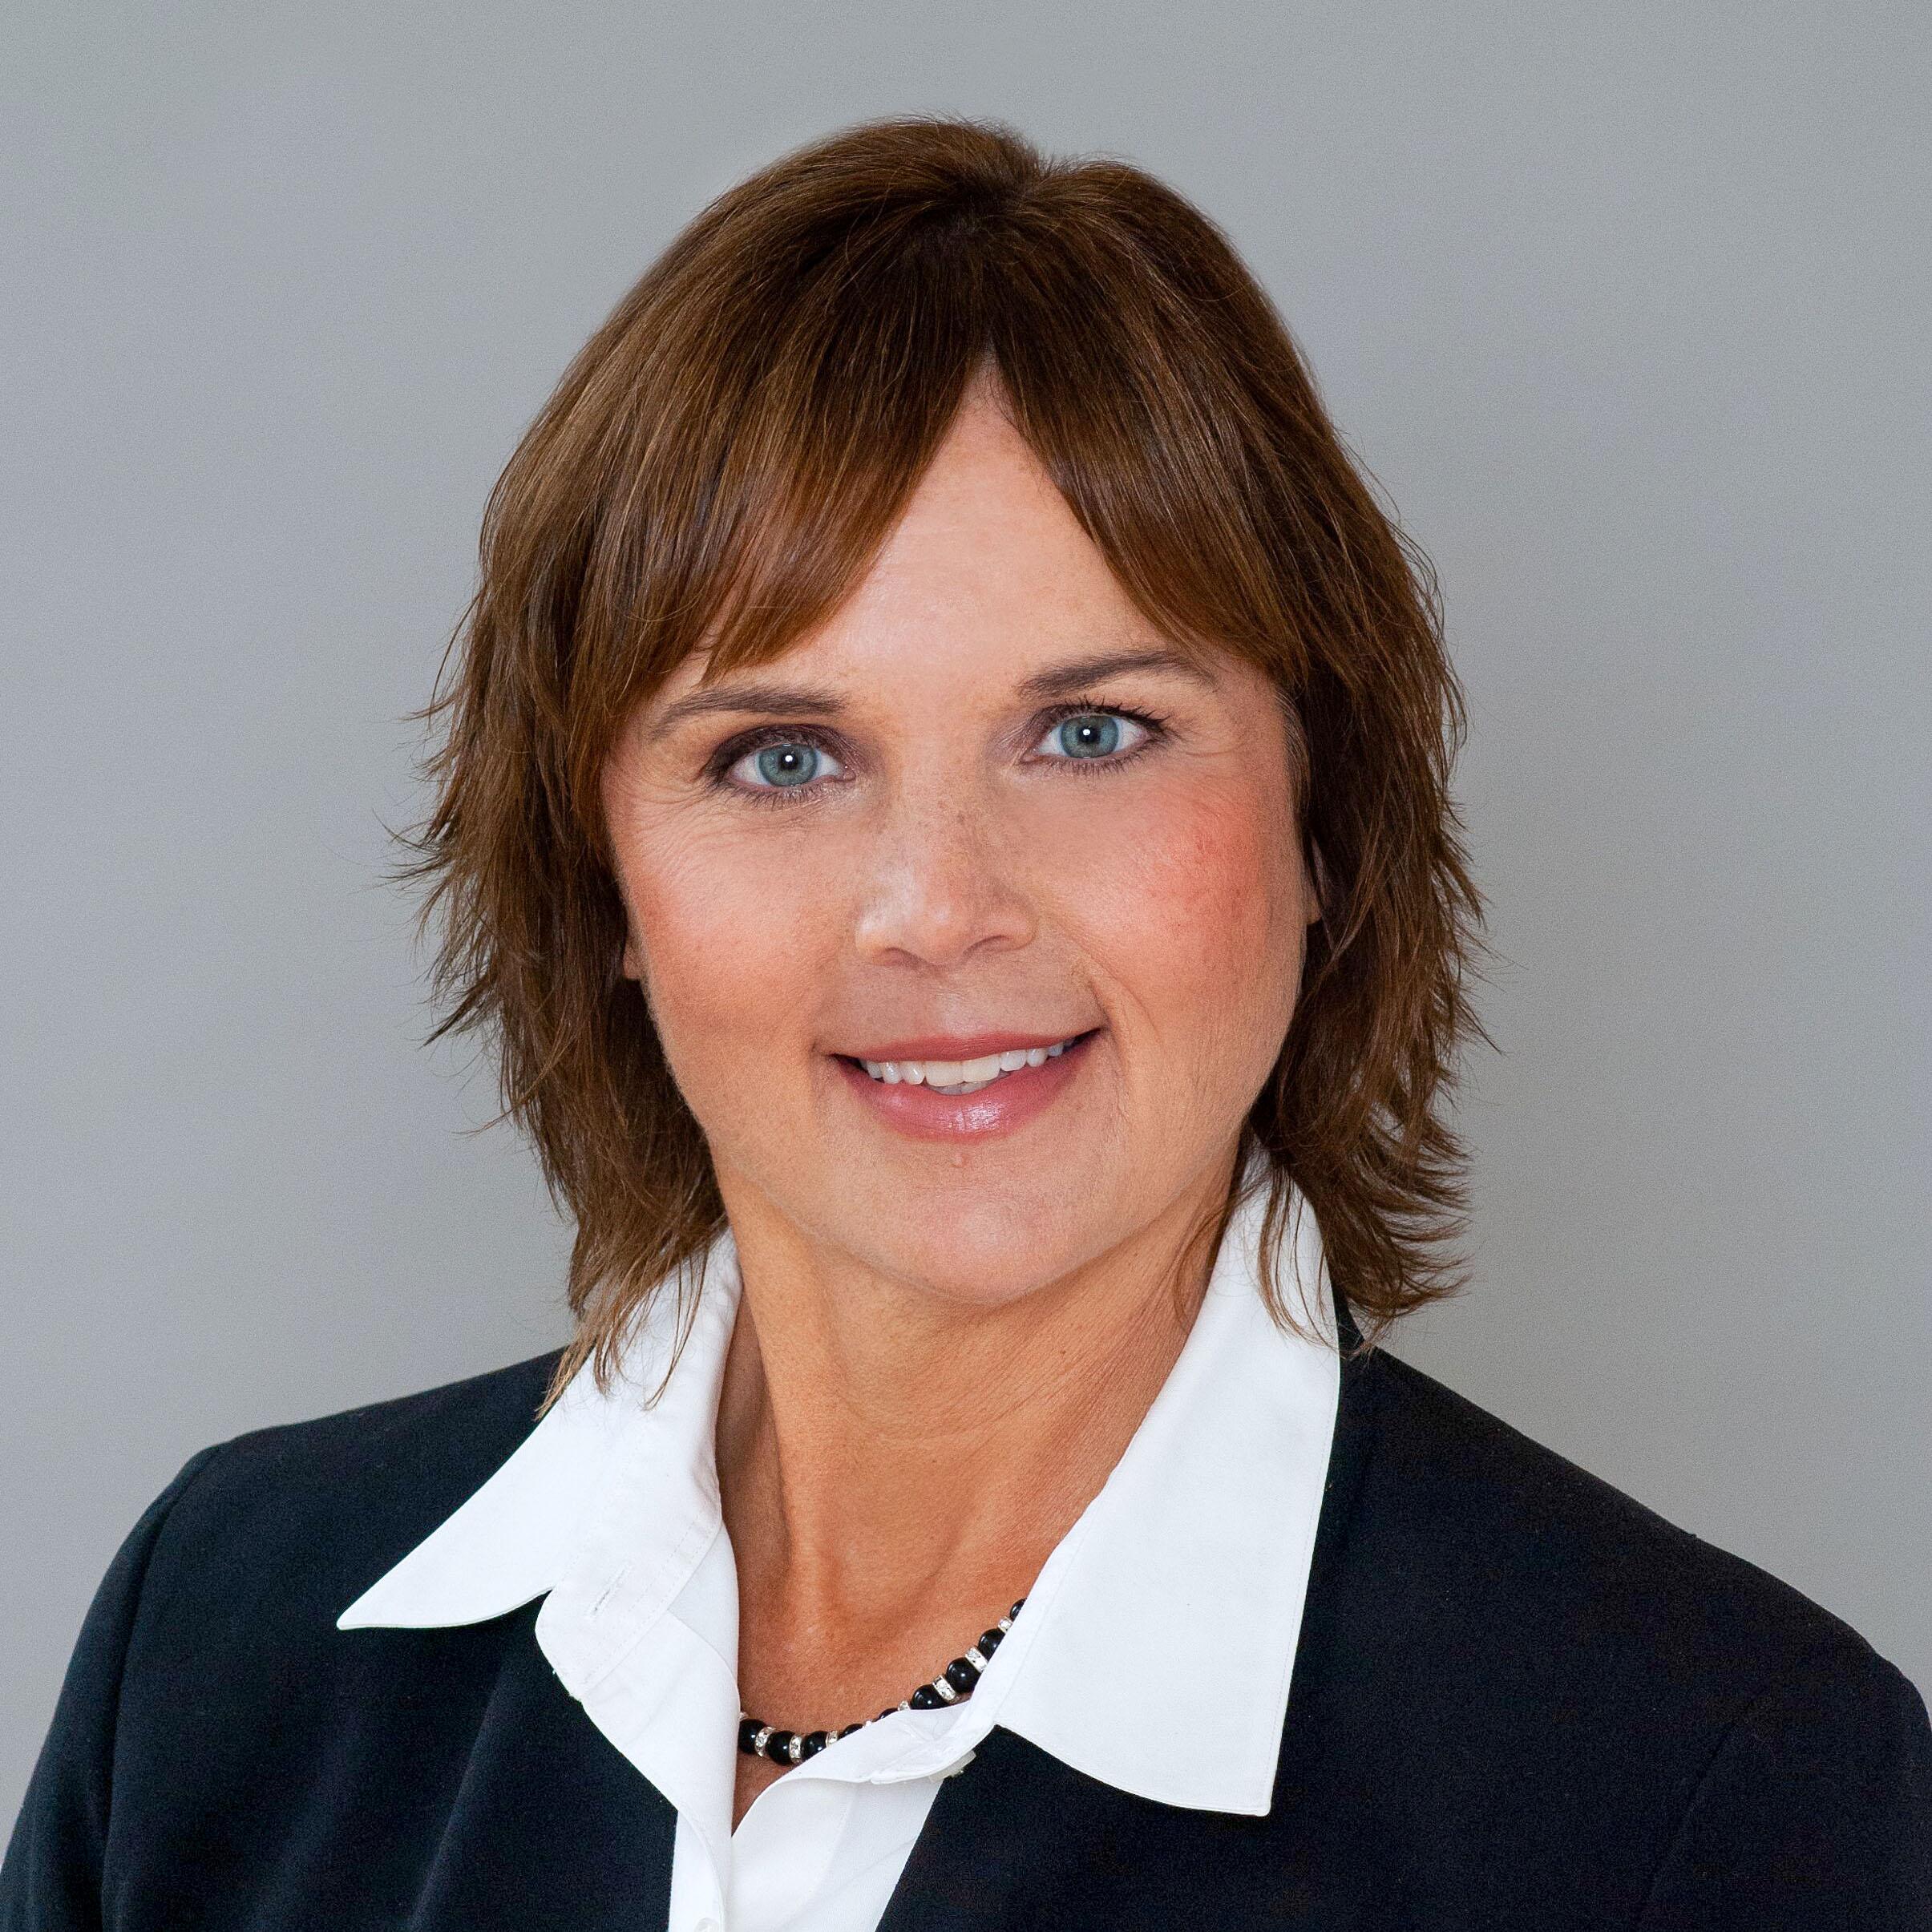 Melinda Gevaart